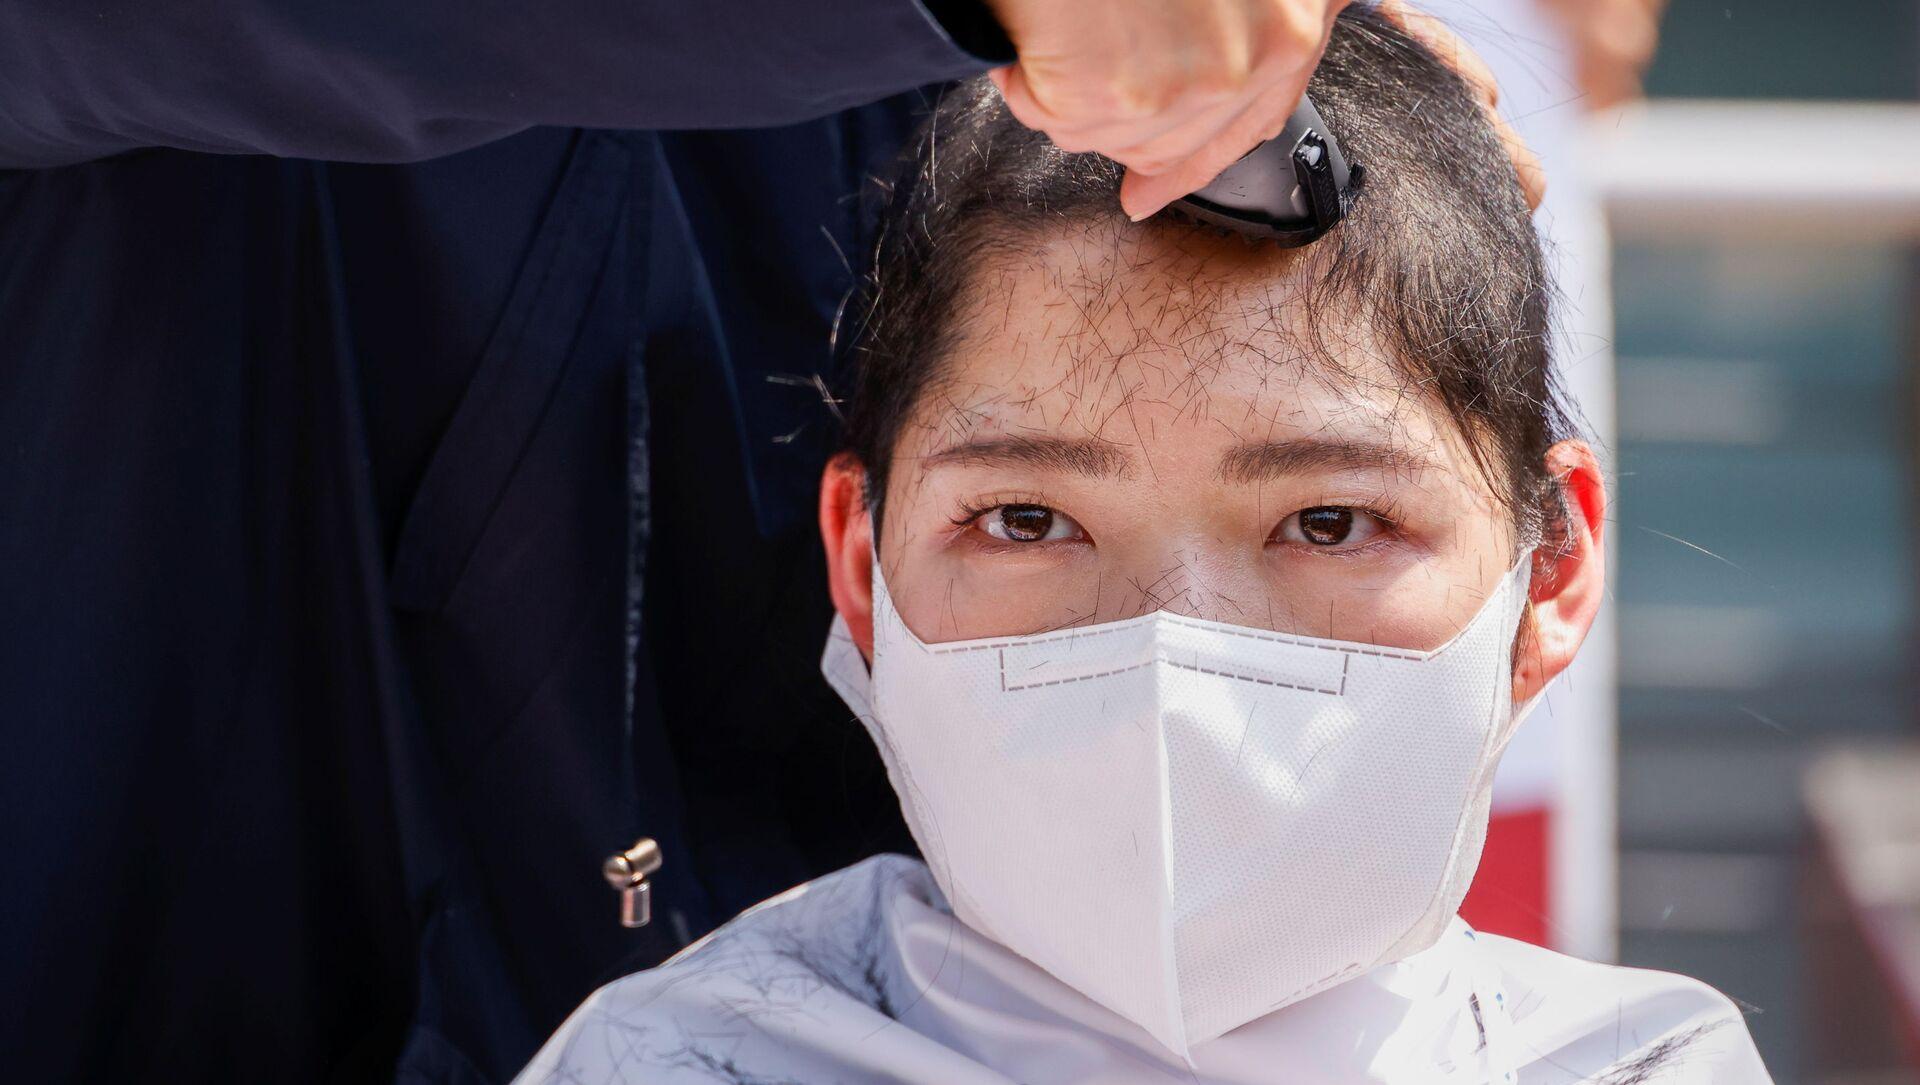 韓国の大学生30人以上が丸刈りに 日本の原発処理水海洋放出に抗議  - Sputnik 日本, 1920, 20.04.2021